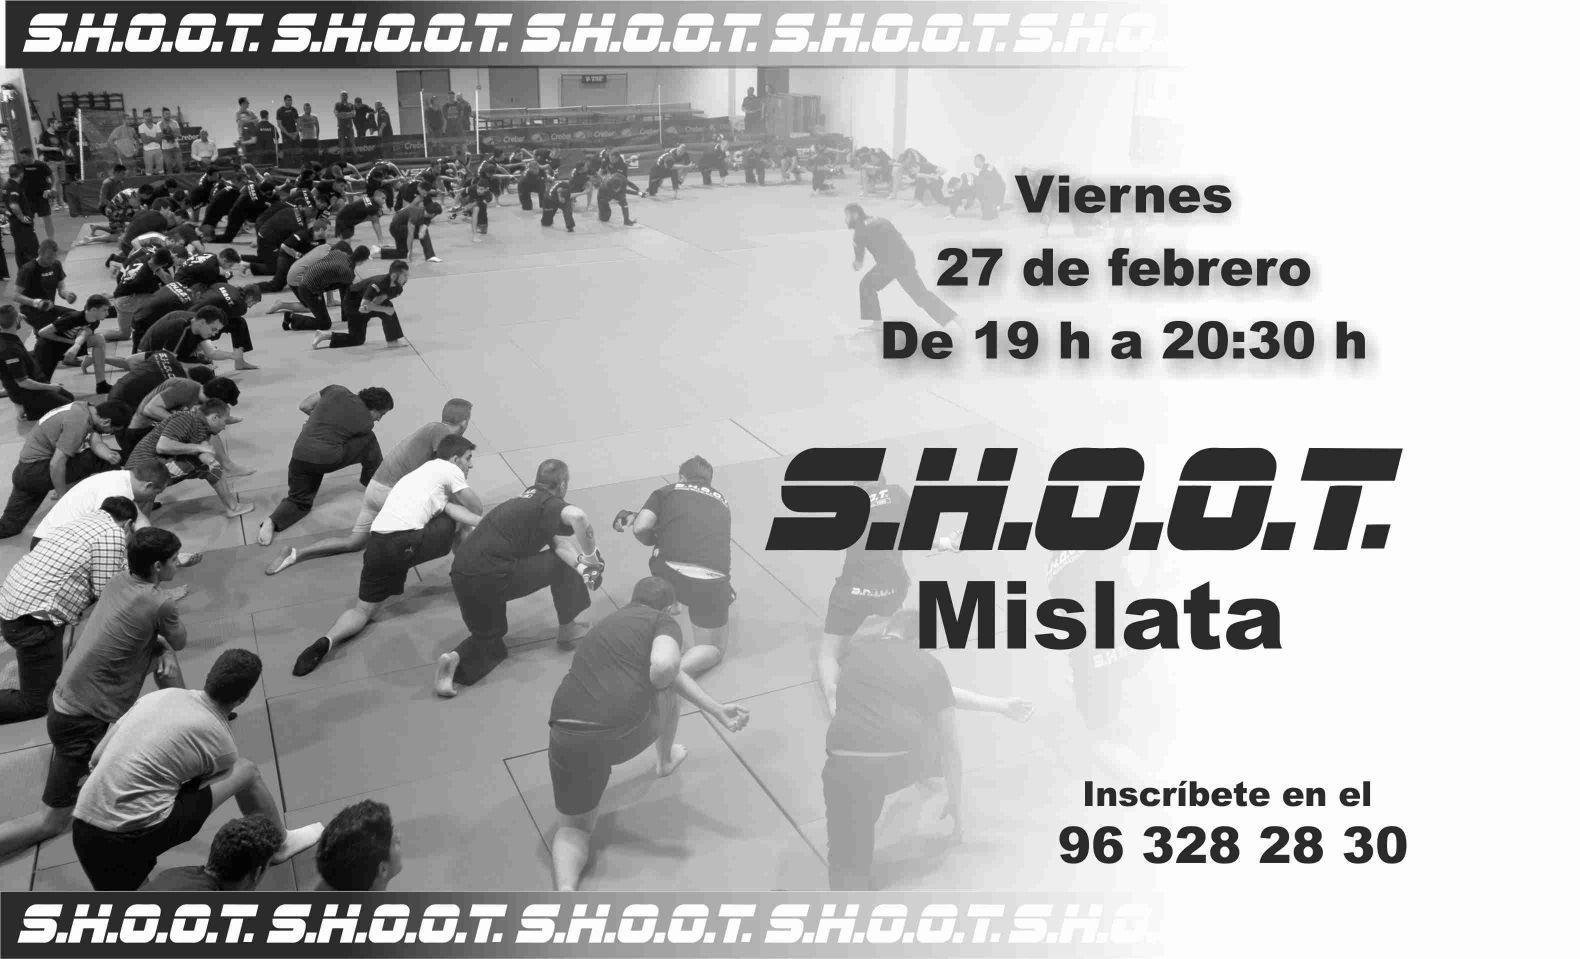 Shoot mislata (2)